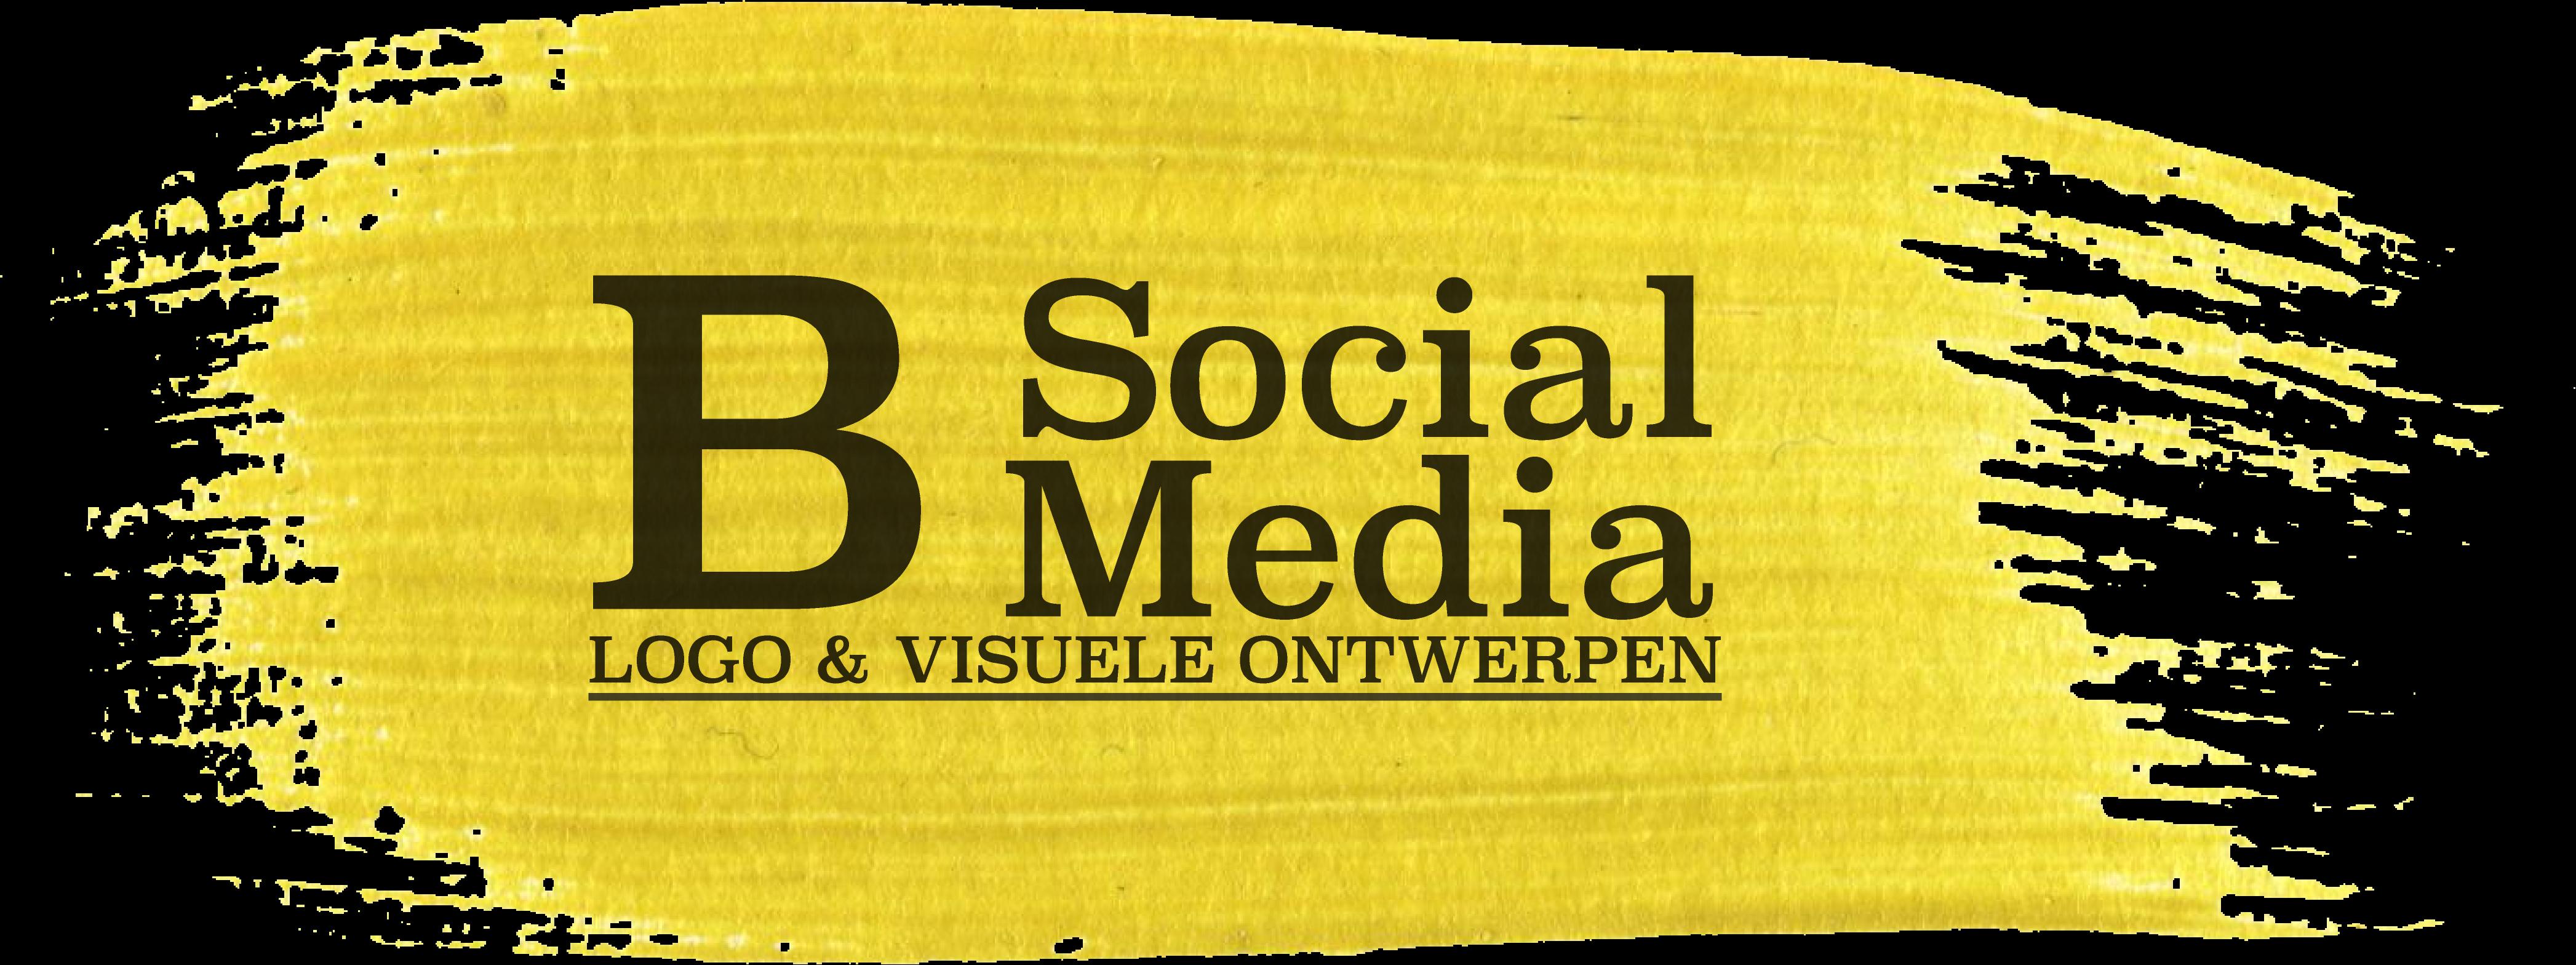 Logo B social media